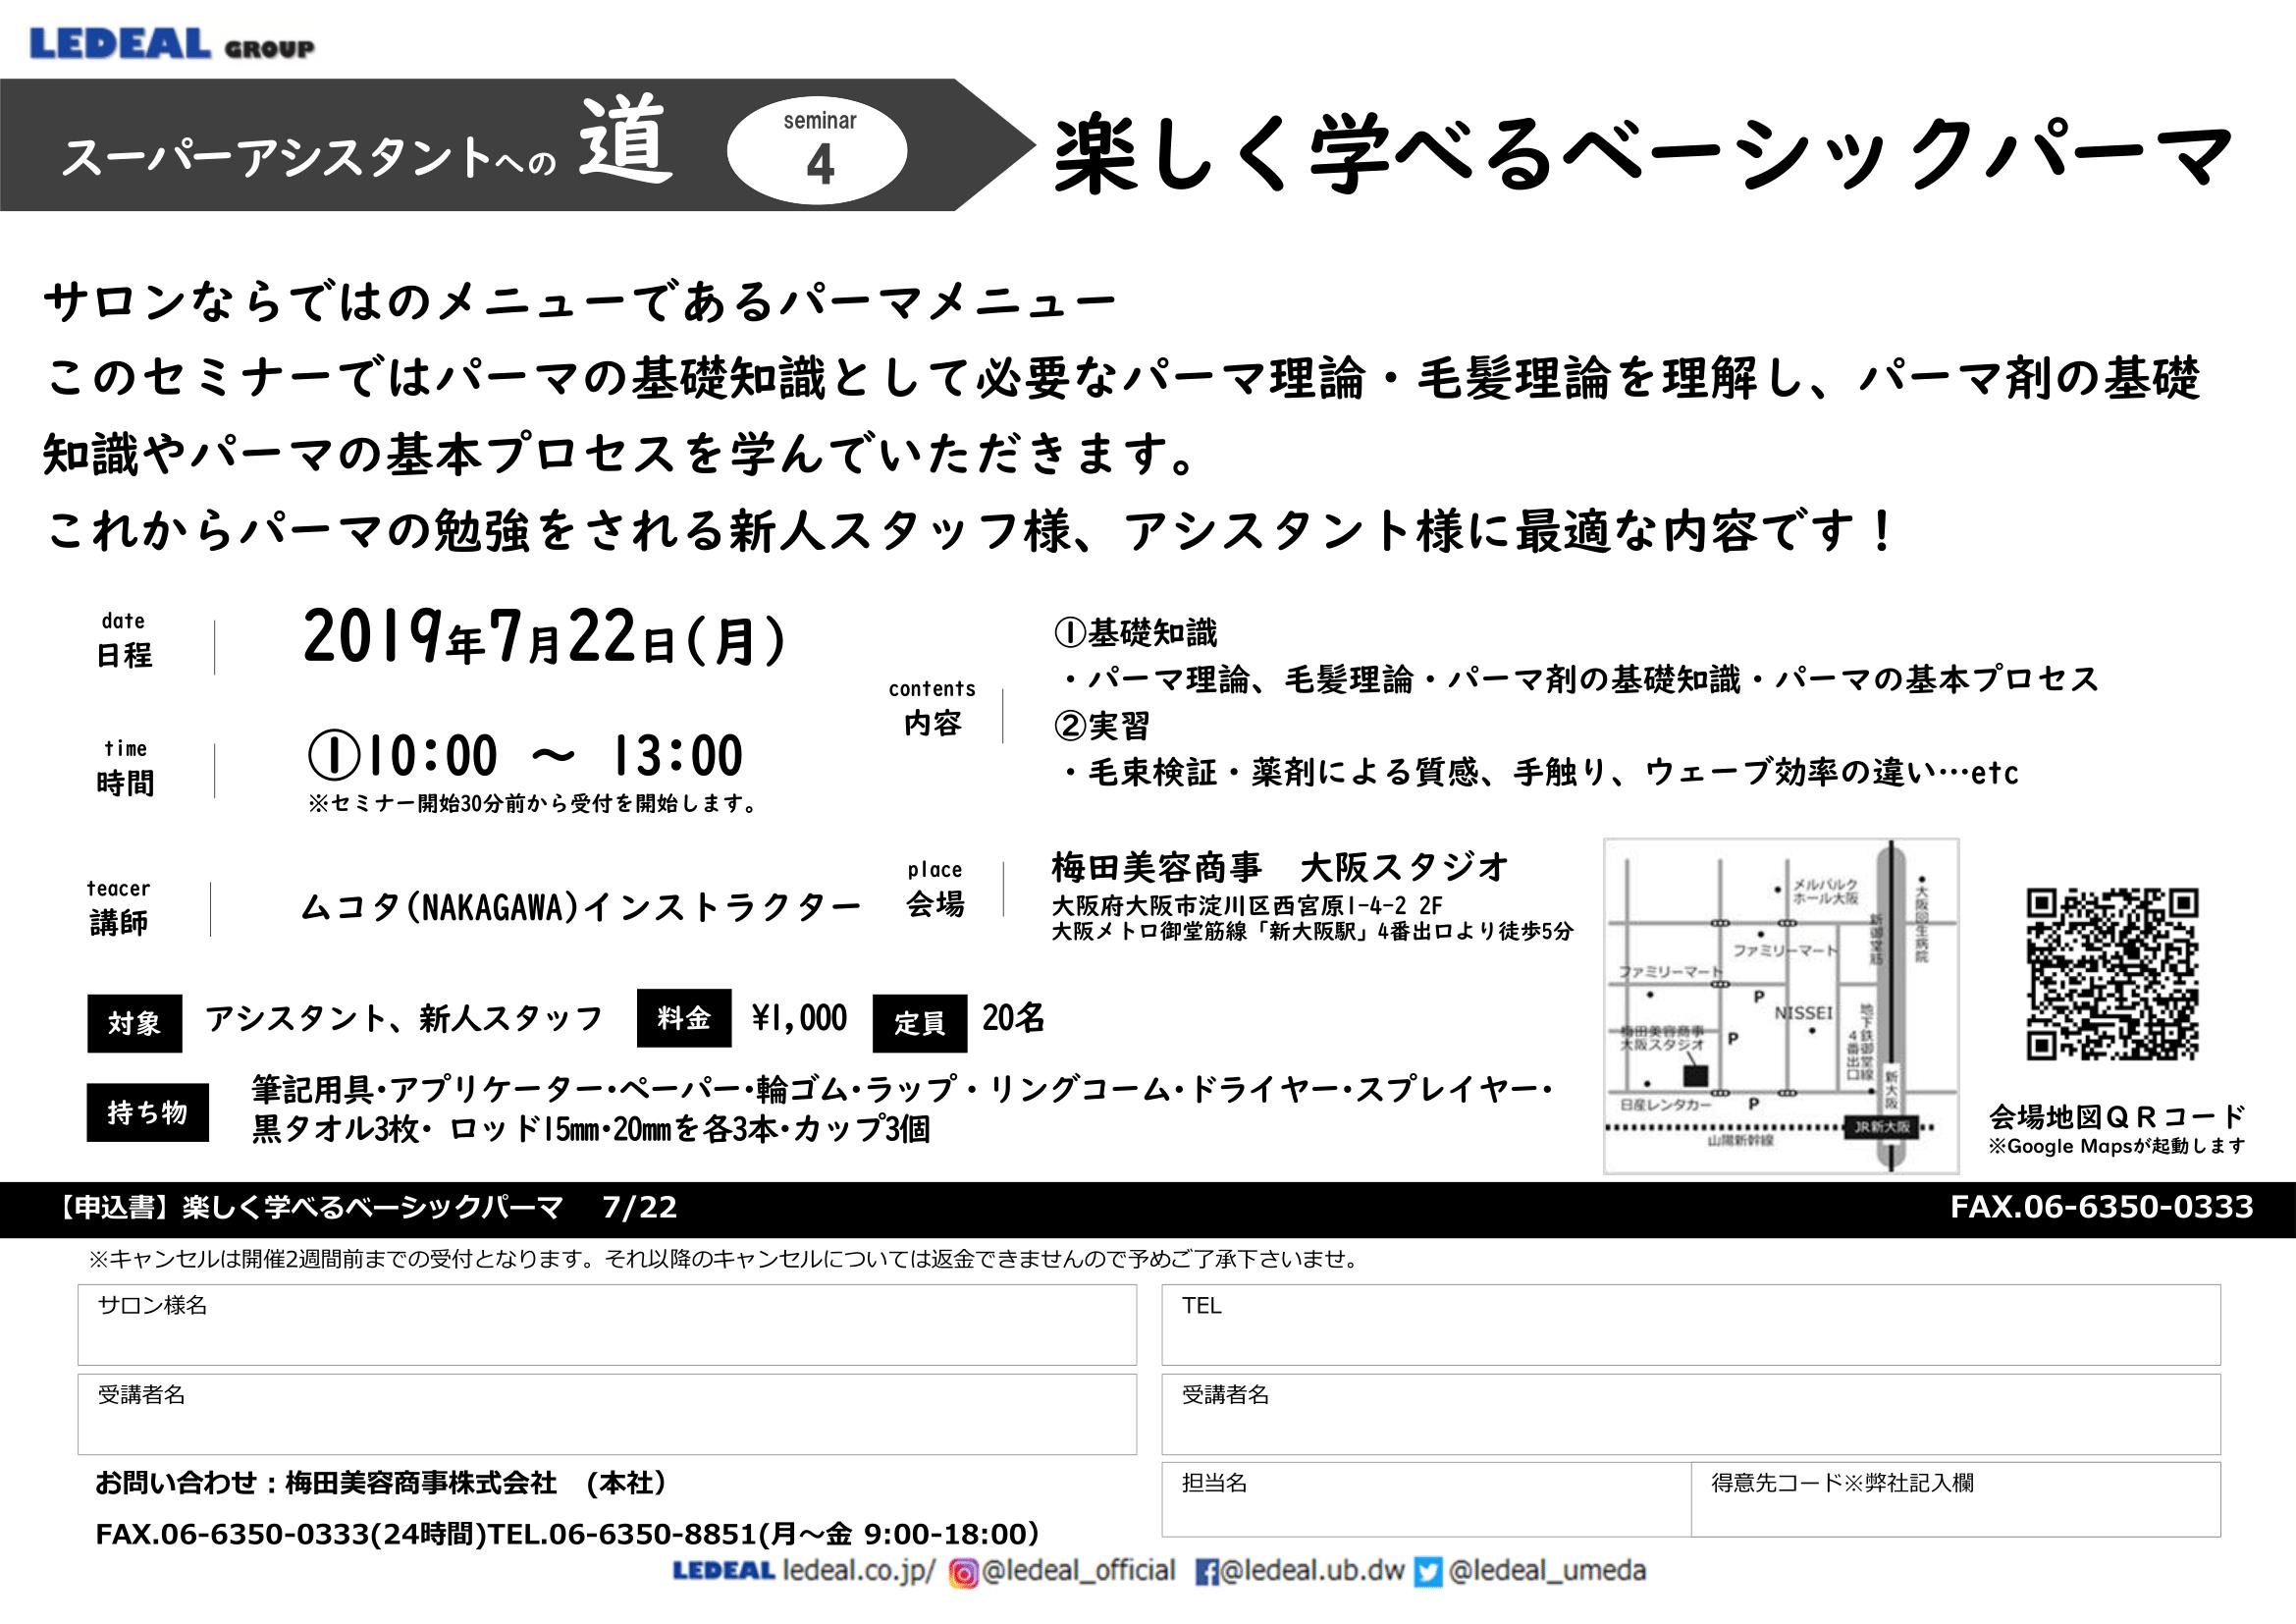 【大阪】スーパーアシスタントへの道 「楽しく学べるベーシックパーマセミナー」